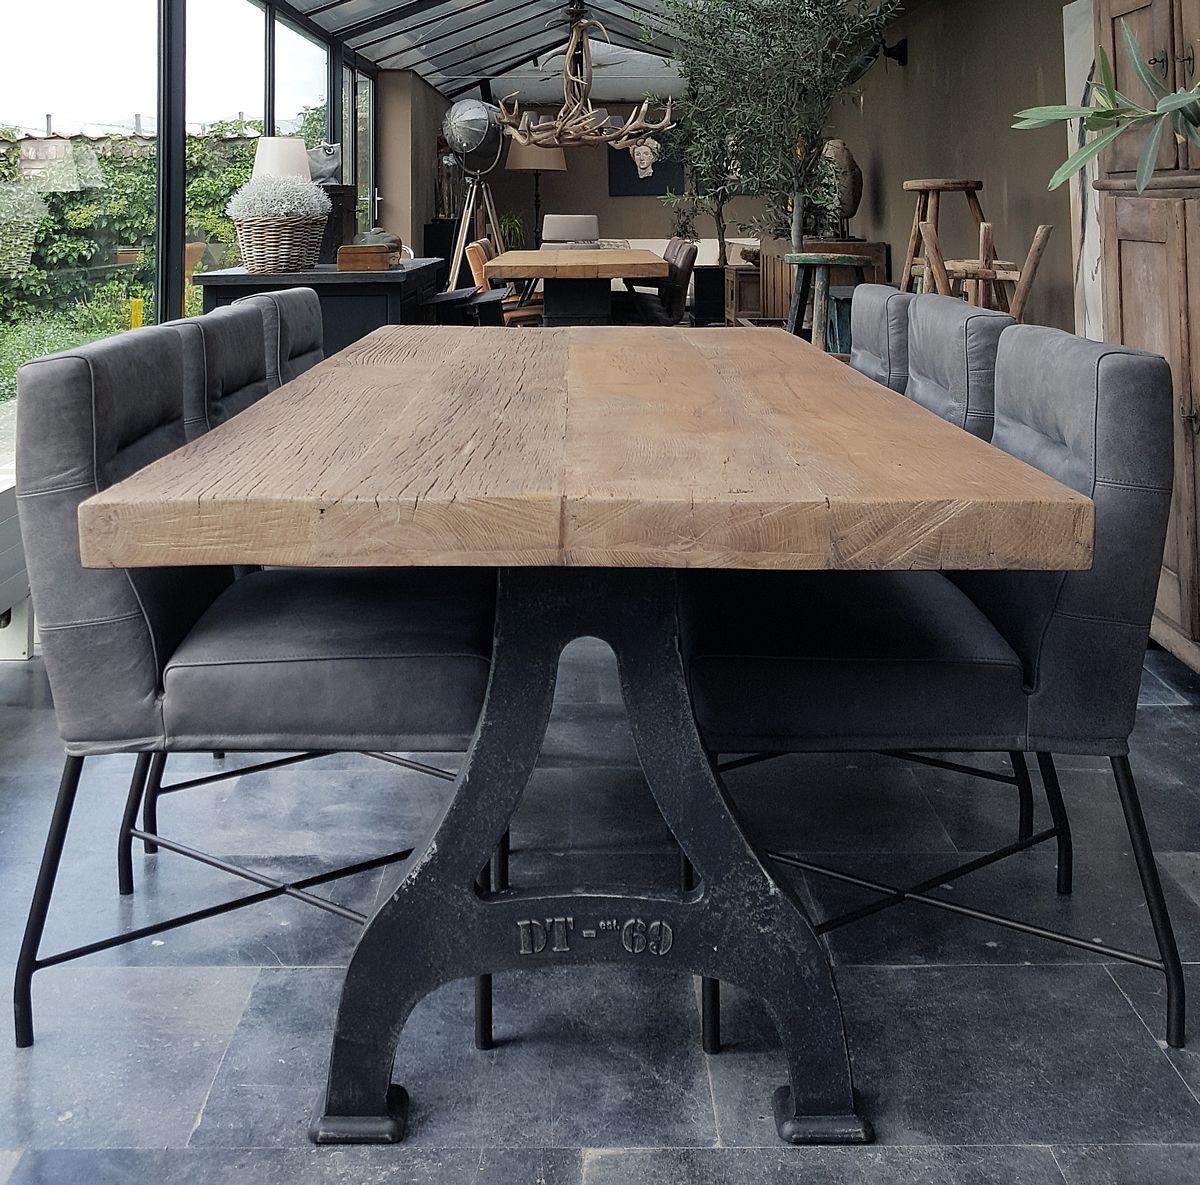 dieser industie design tisch ist ein eigener entwurf wird. Black Bedroom Furniture Sets. Home Design Ideas